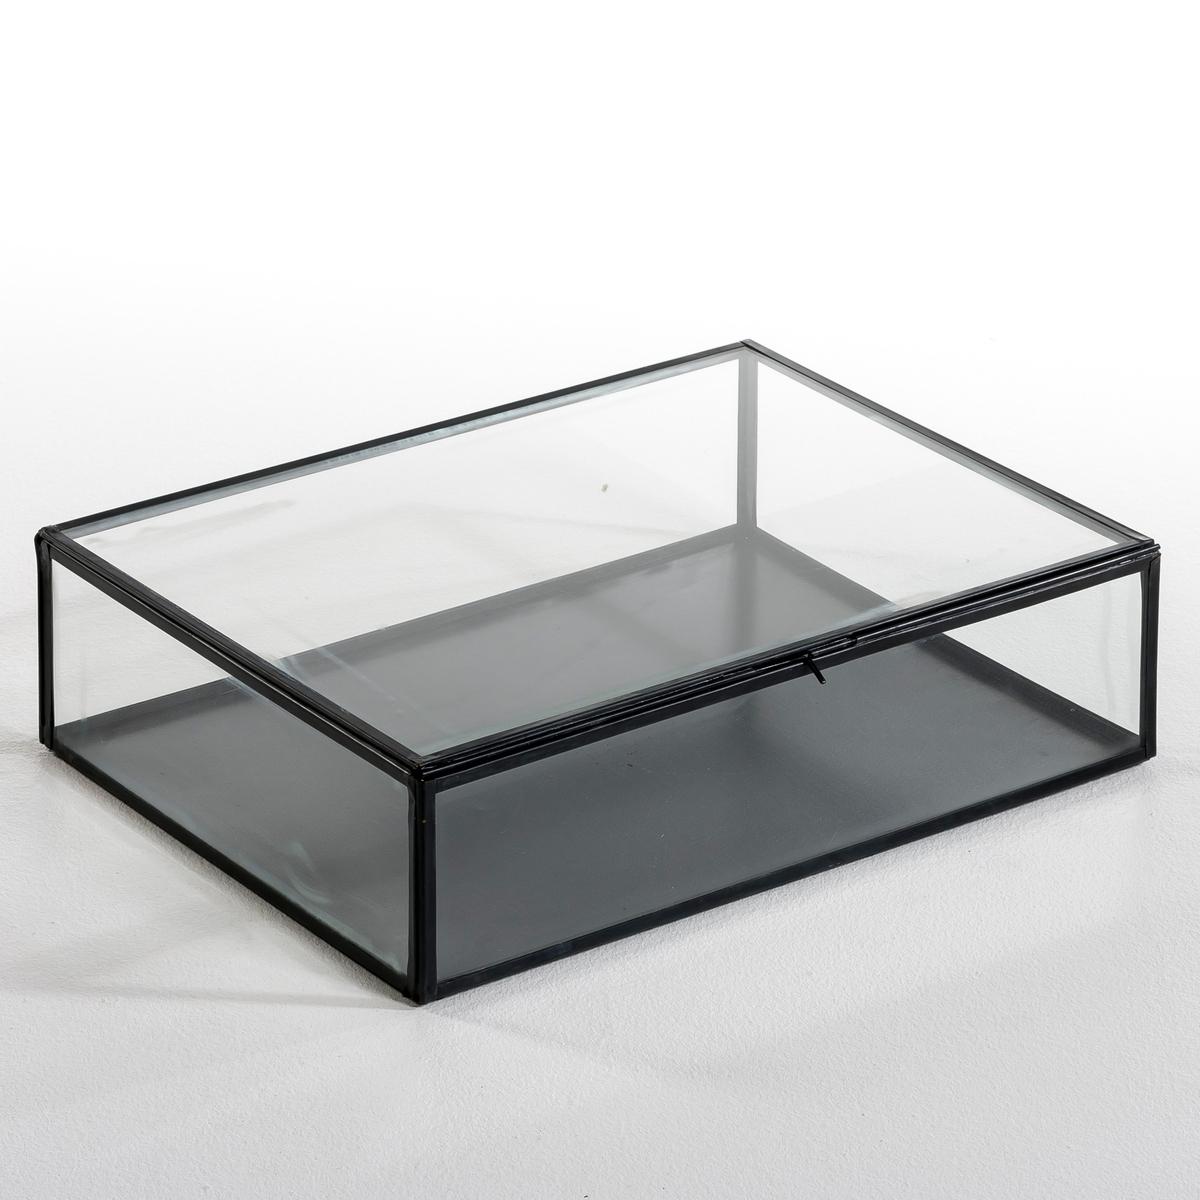 Коробка-витрина для хранения Misia стоимость